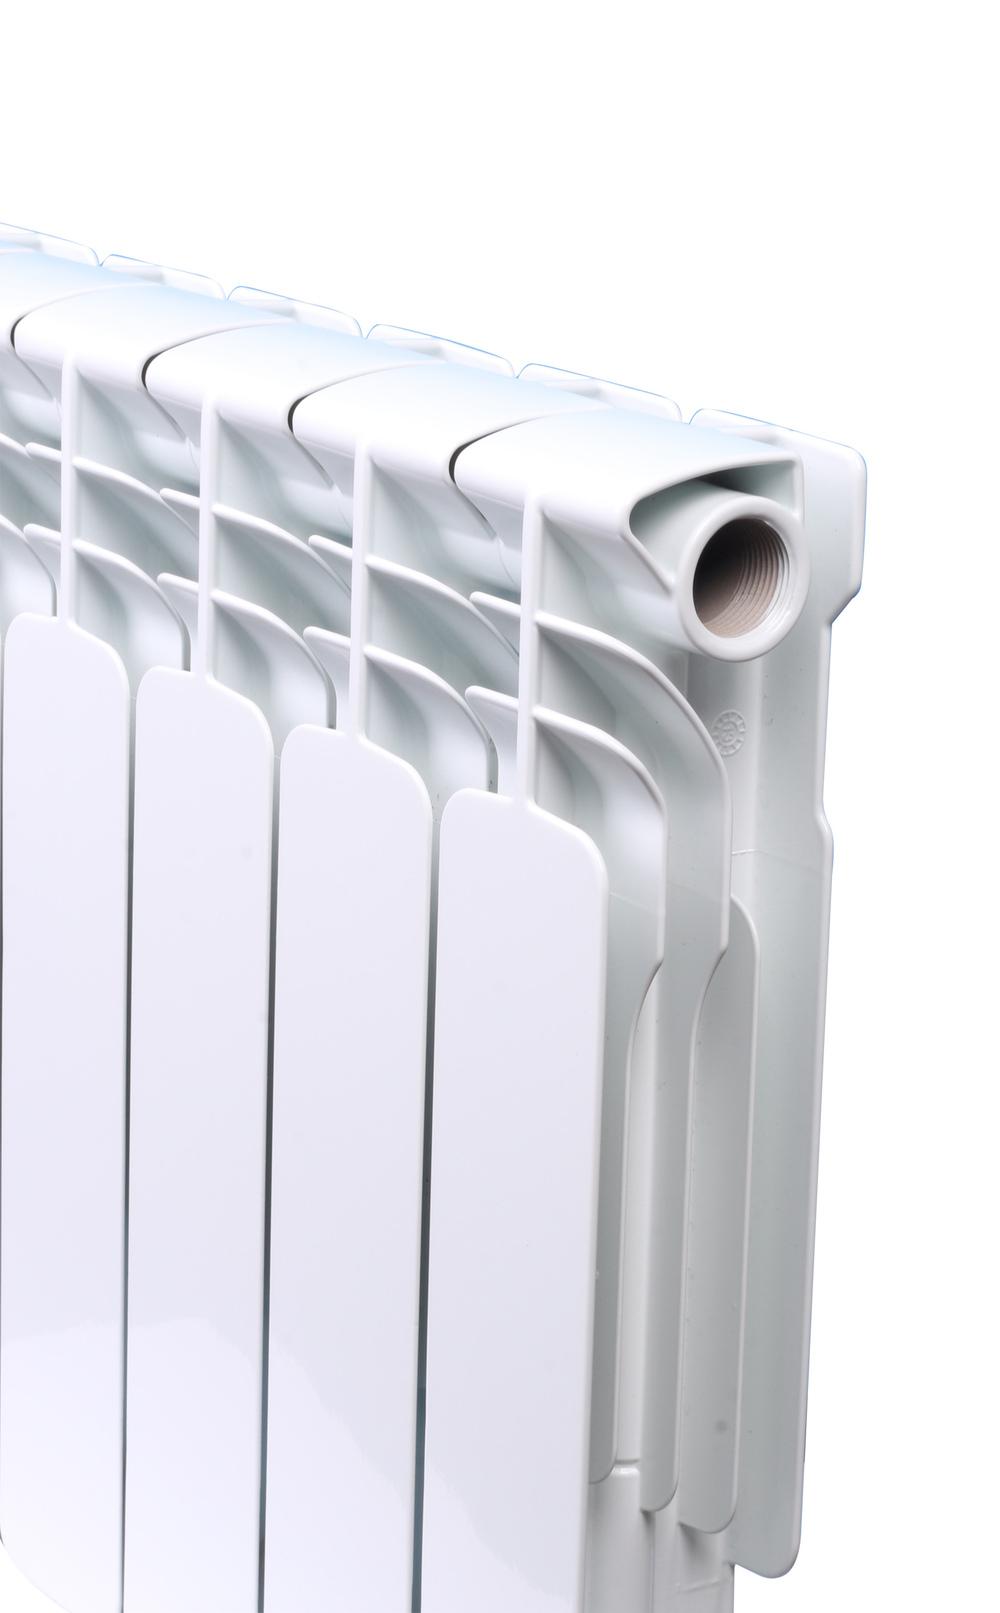 chauffage central en aluminium radiateur chauffage bimtallique - Radiateur Salle De Bain Chauffage Central